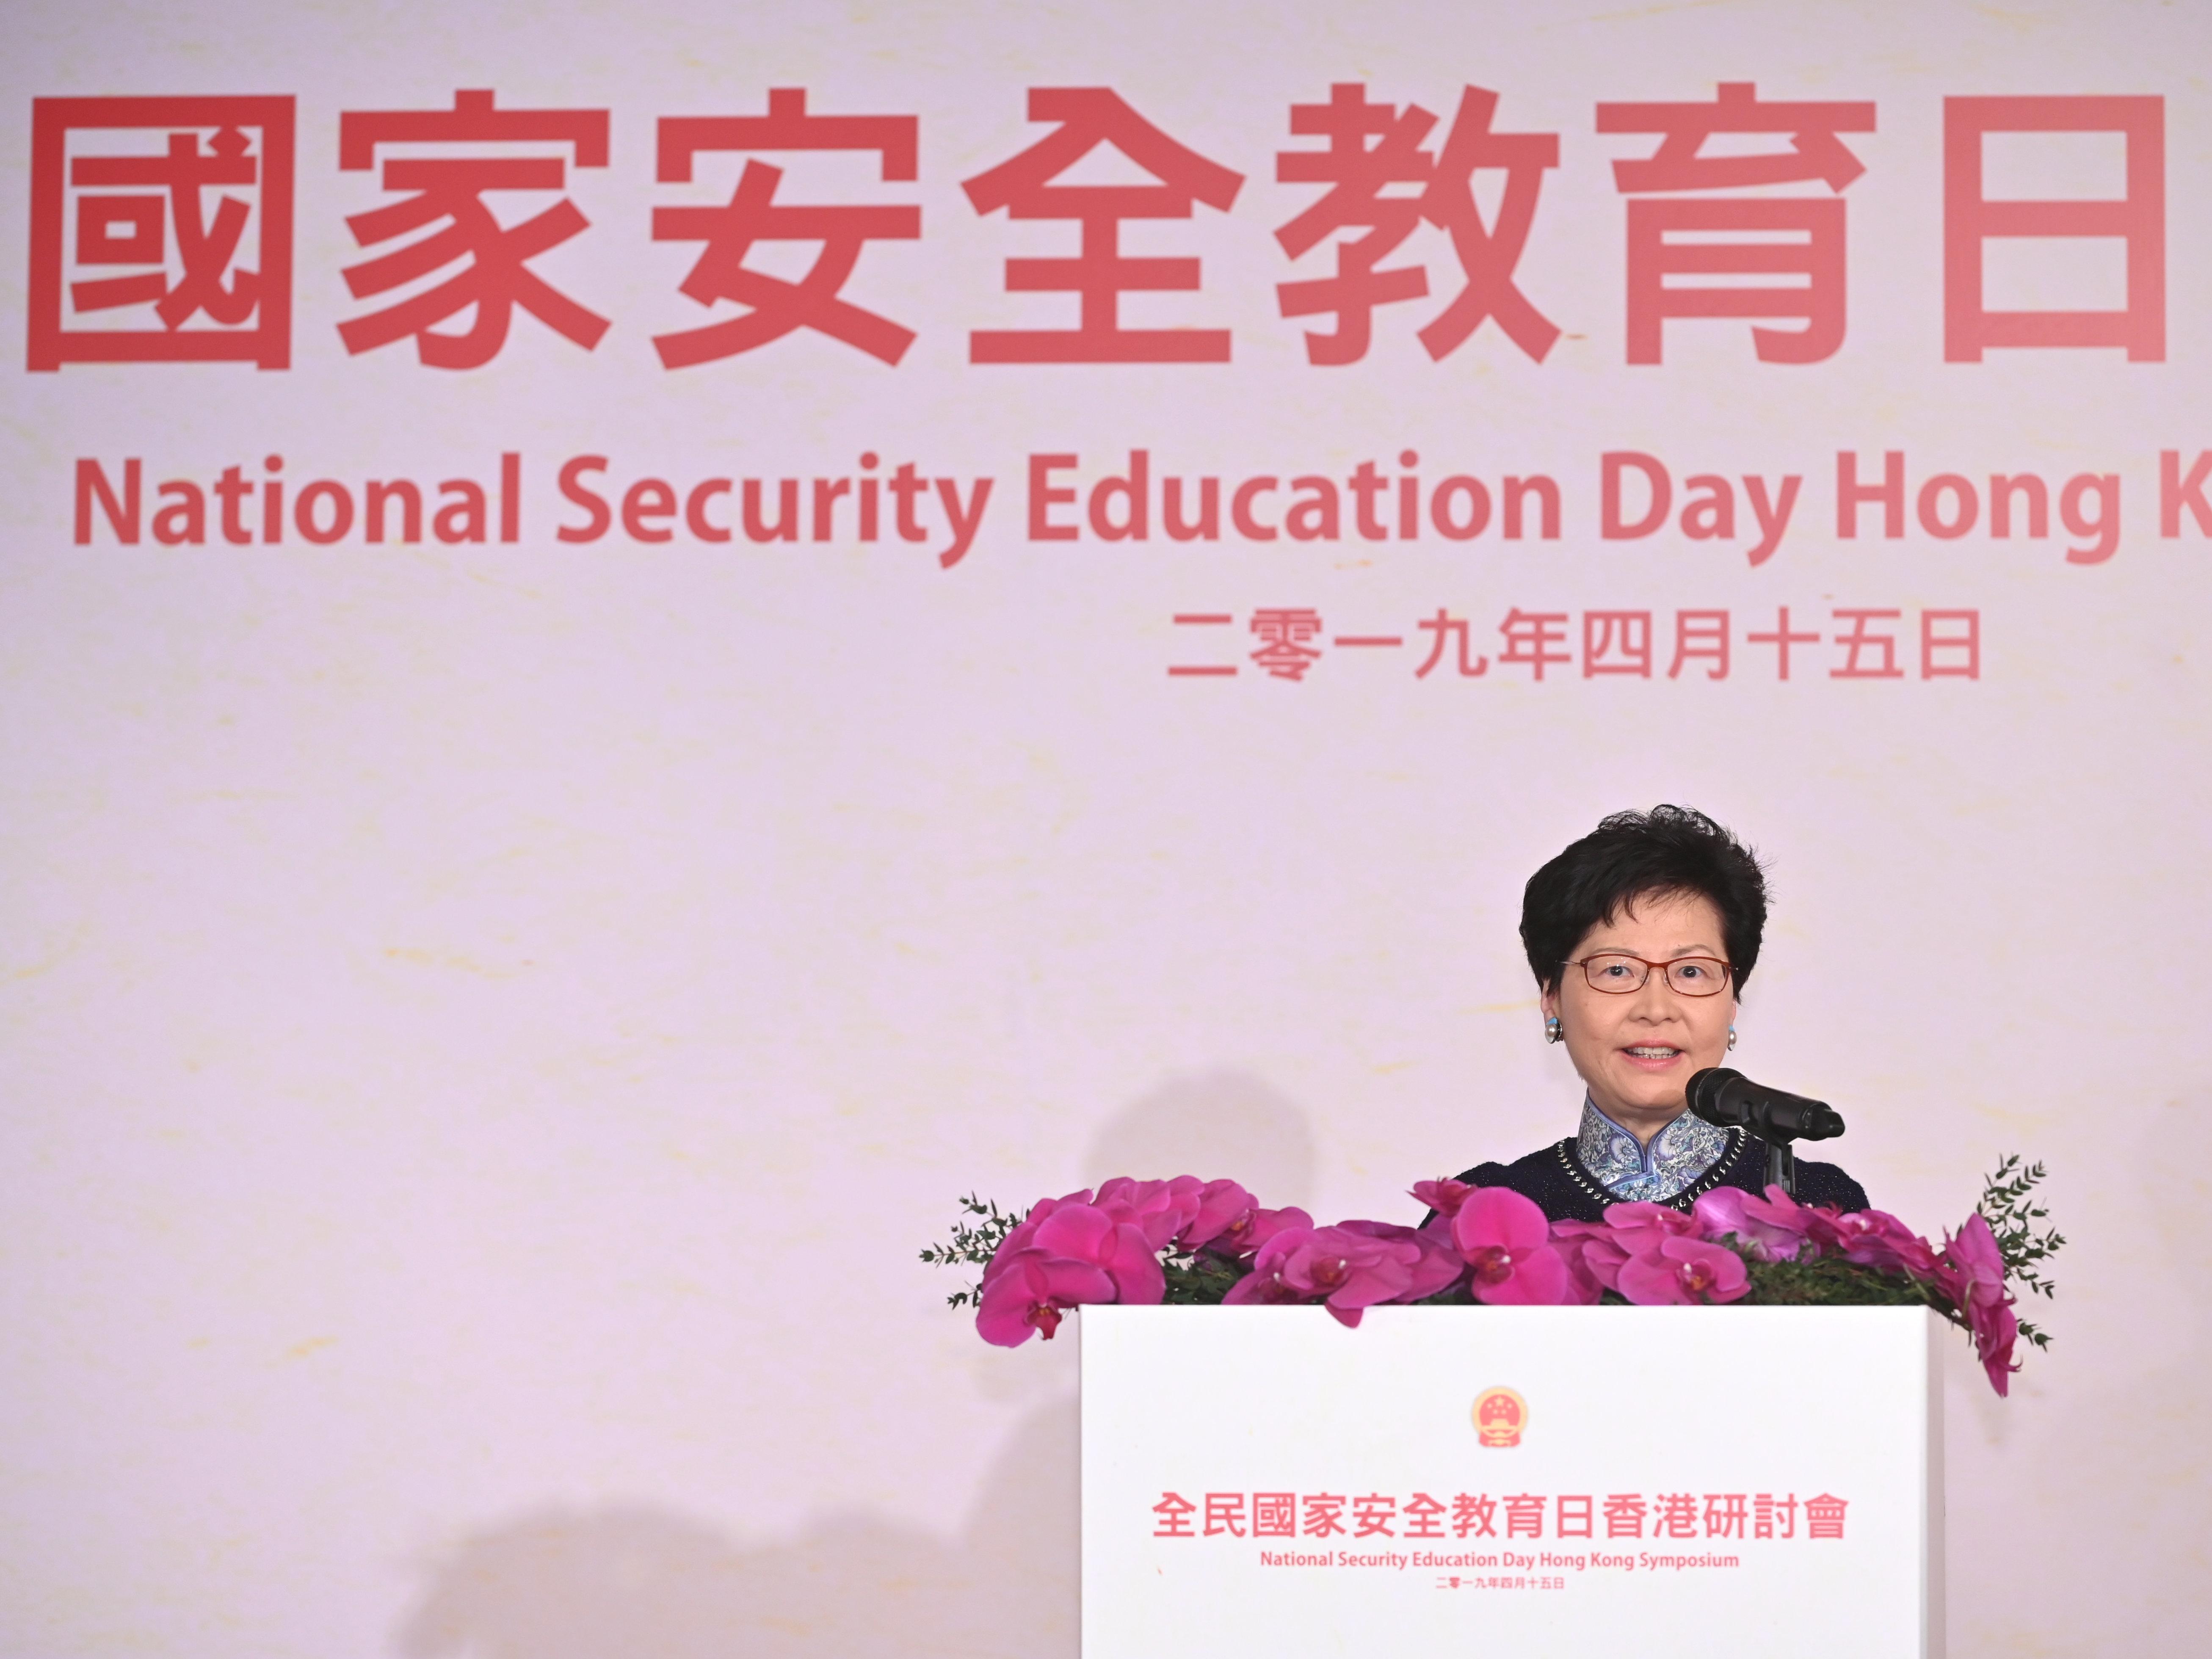 行政長官林鄭月娥今日(4月15日)出席全民國家安全教育日香港研討會致辭